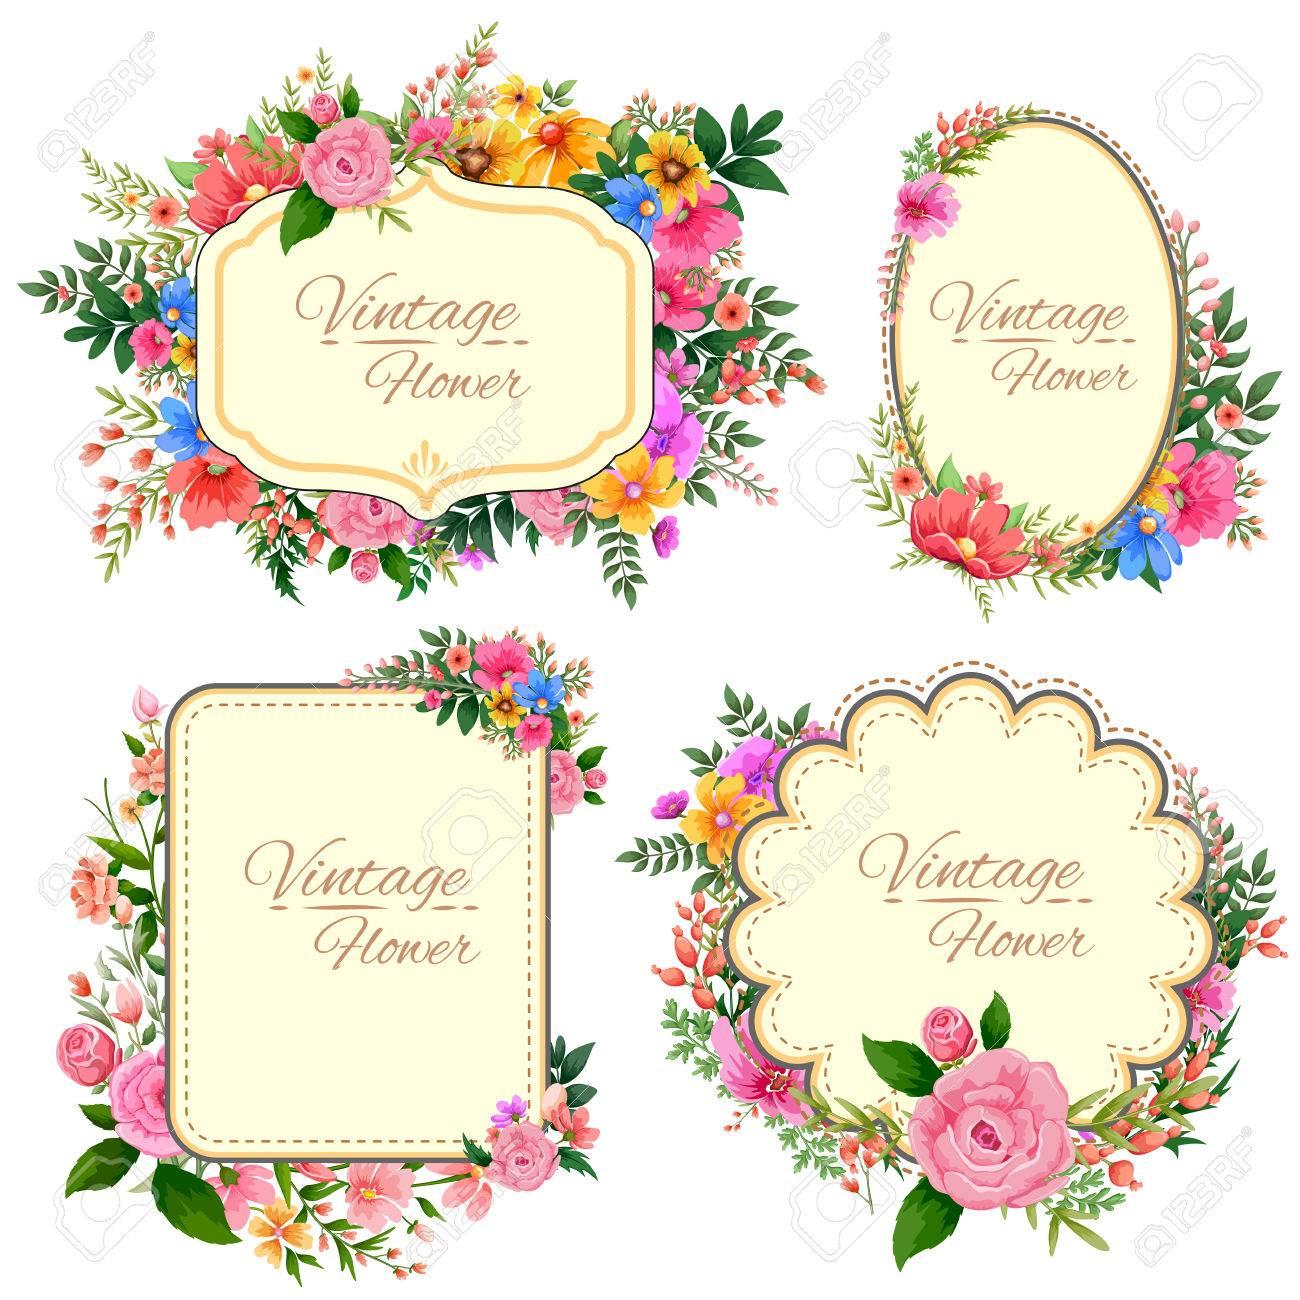 illustration of watercolor Vintage floral frame - 53411925